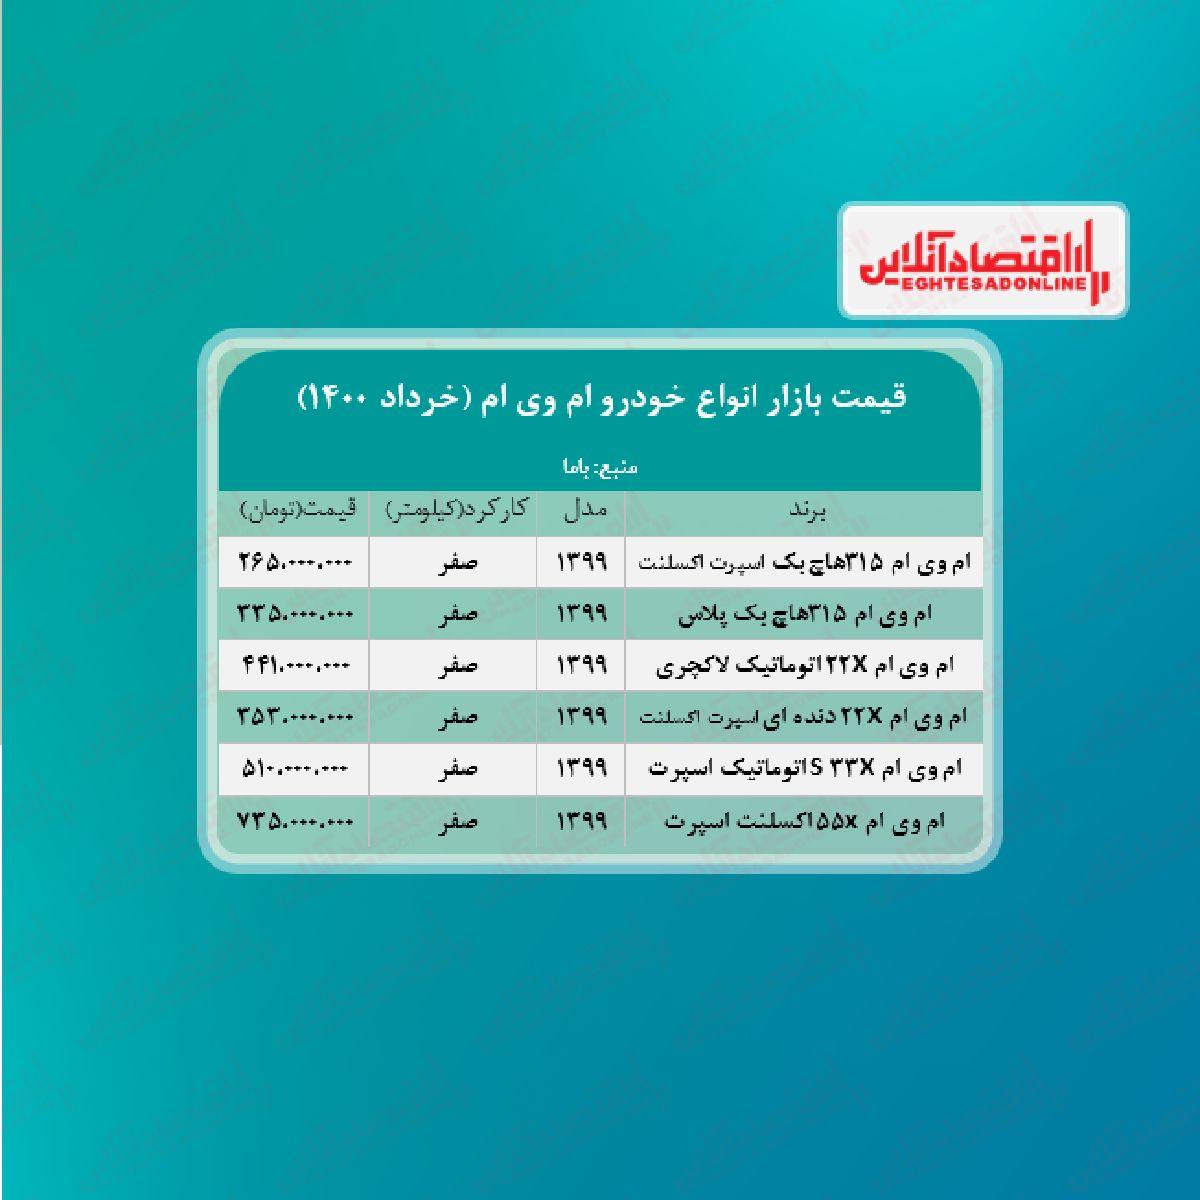 قیمت خودرو ام وی ام در تهران + جدول